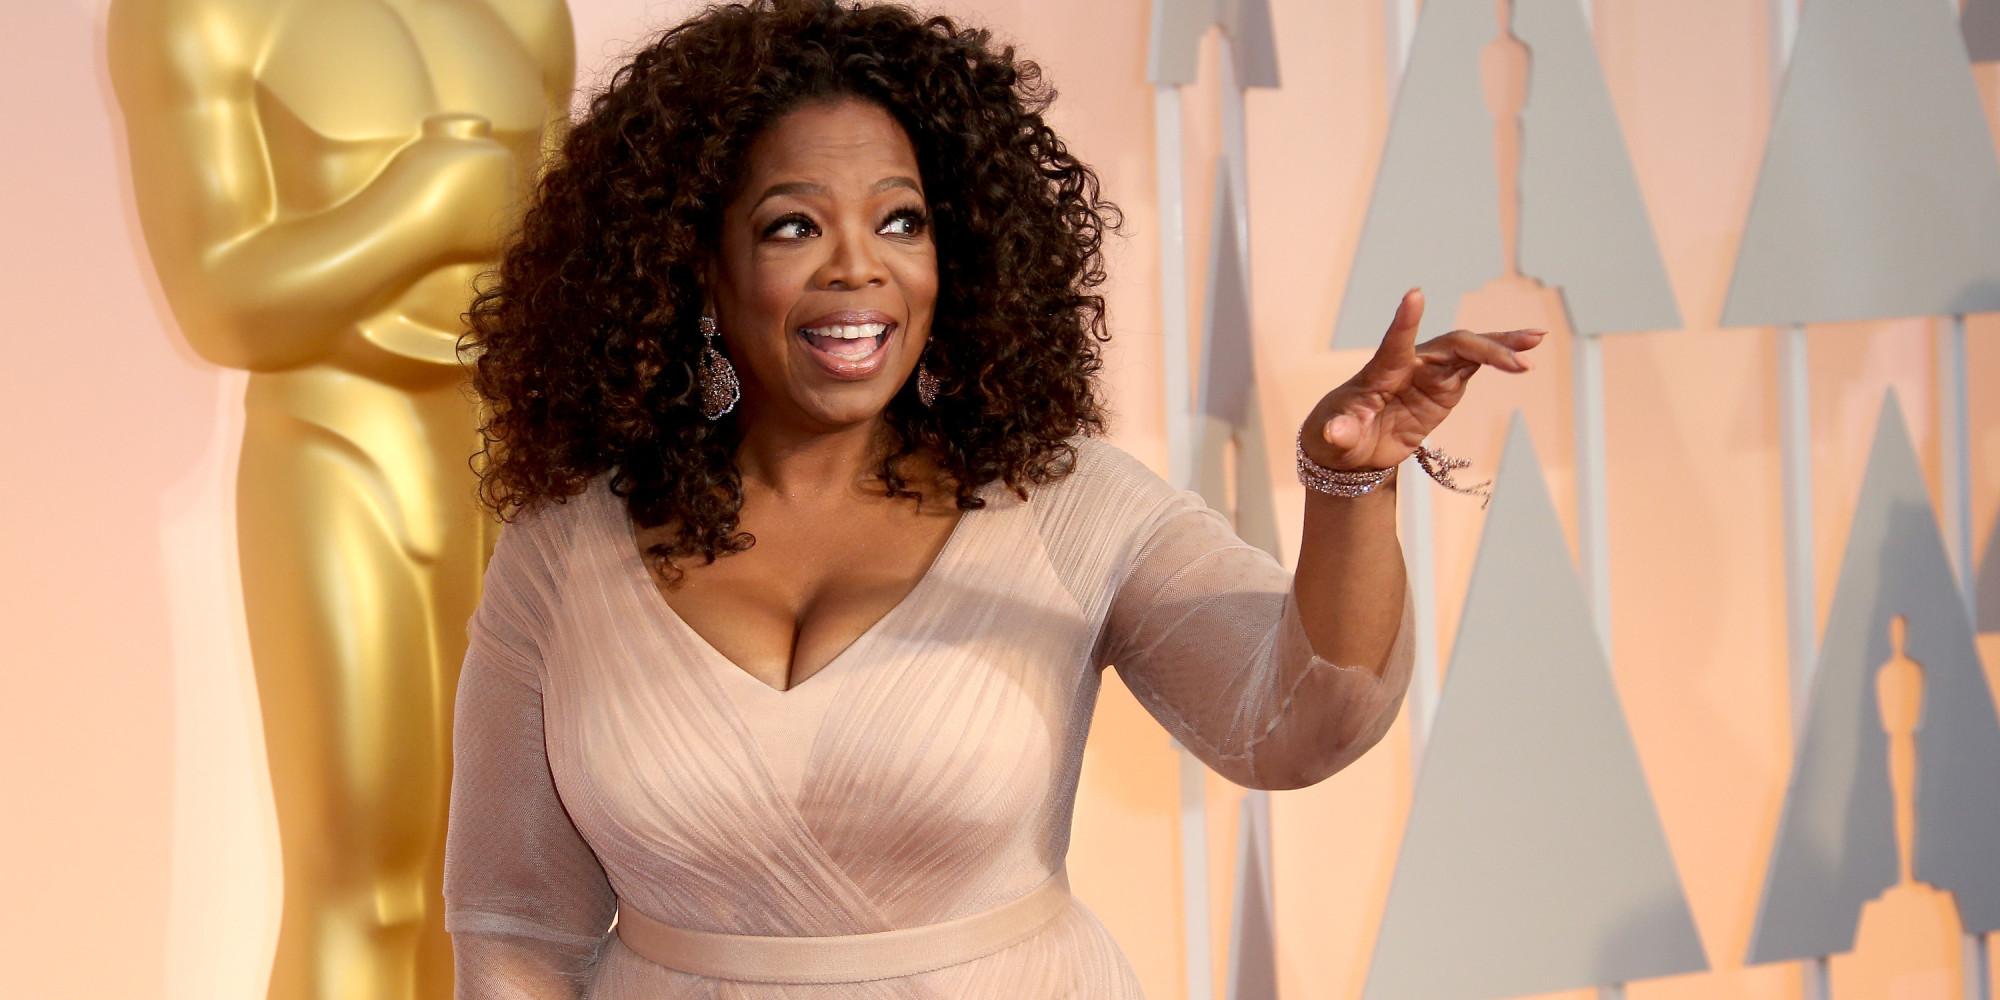 Es oprah winfrey gay